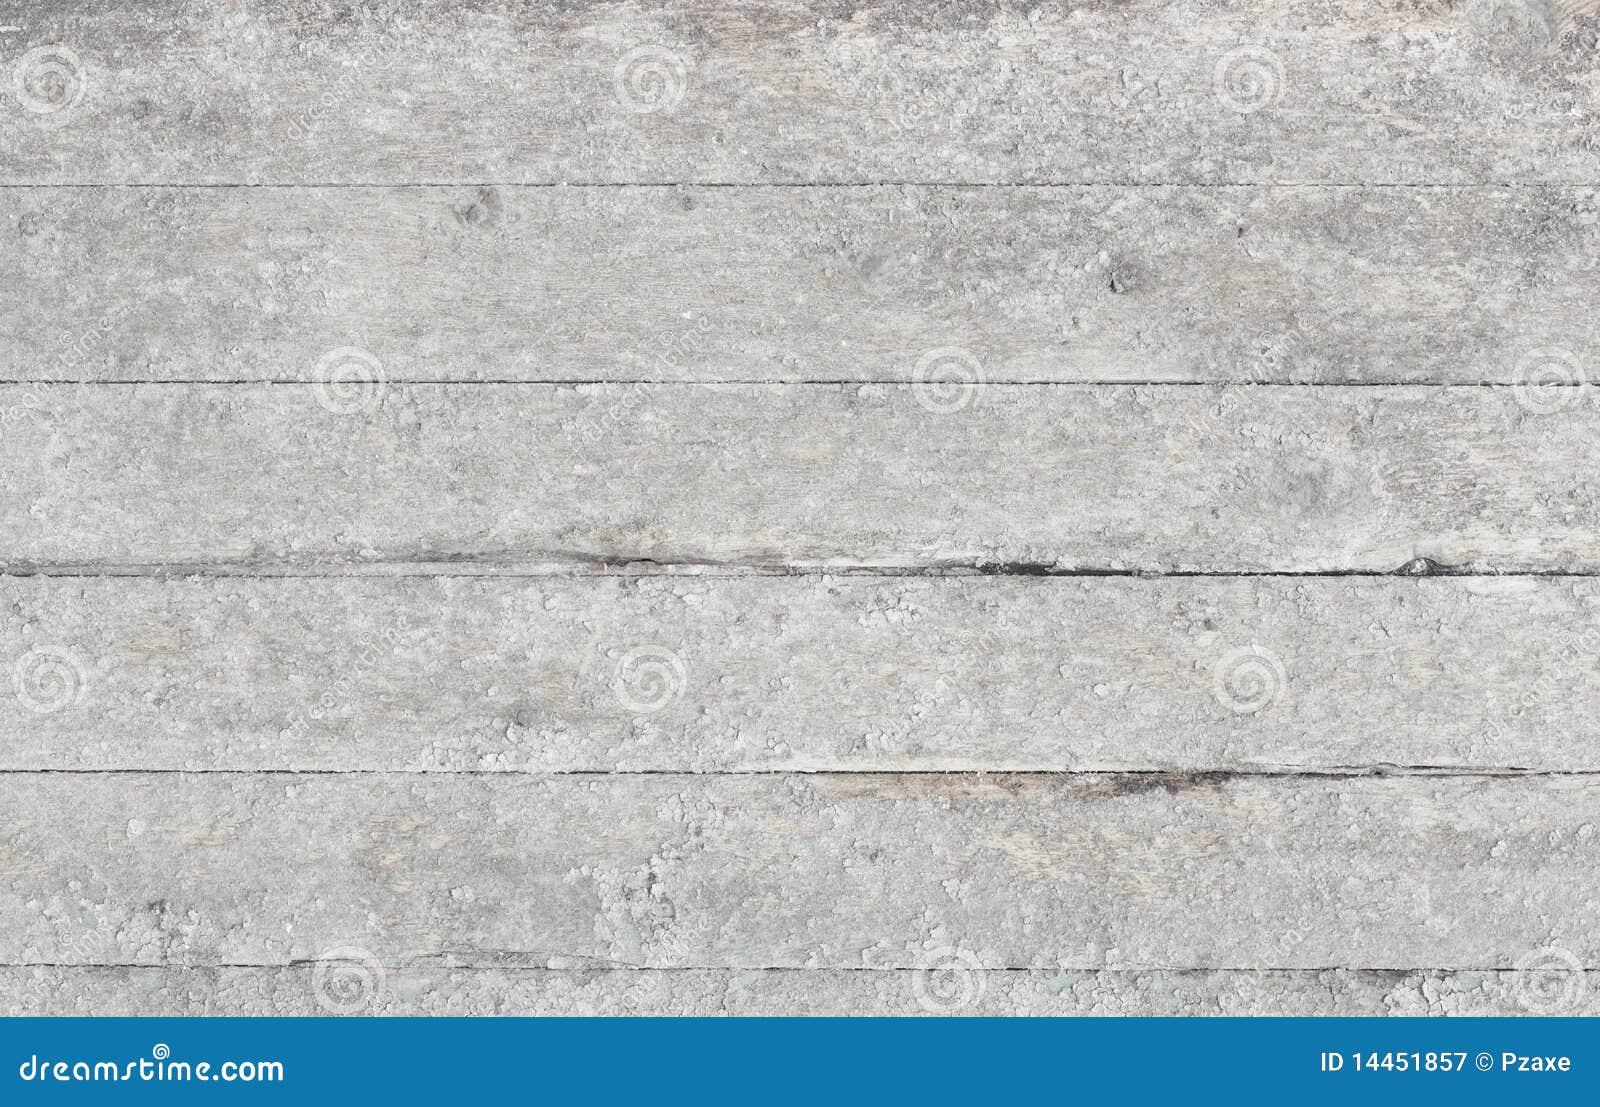 Behang van grijze planken met ruwe oude verf royalty vrije stock fotografie afbeelding 14451857 - Kleurenkaart grijze verf ...